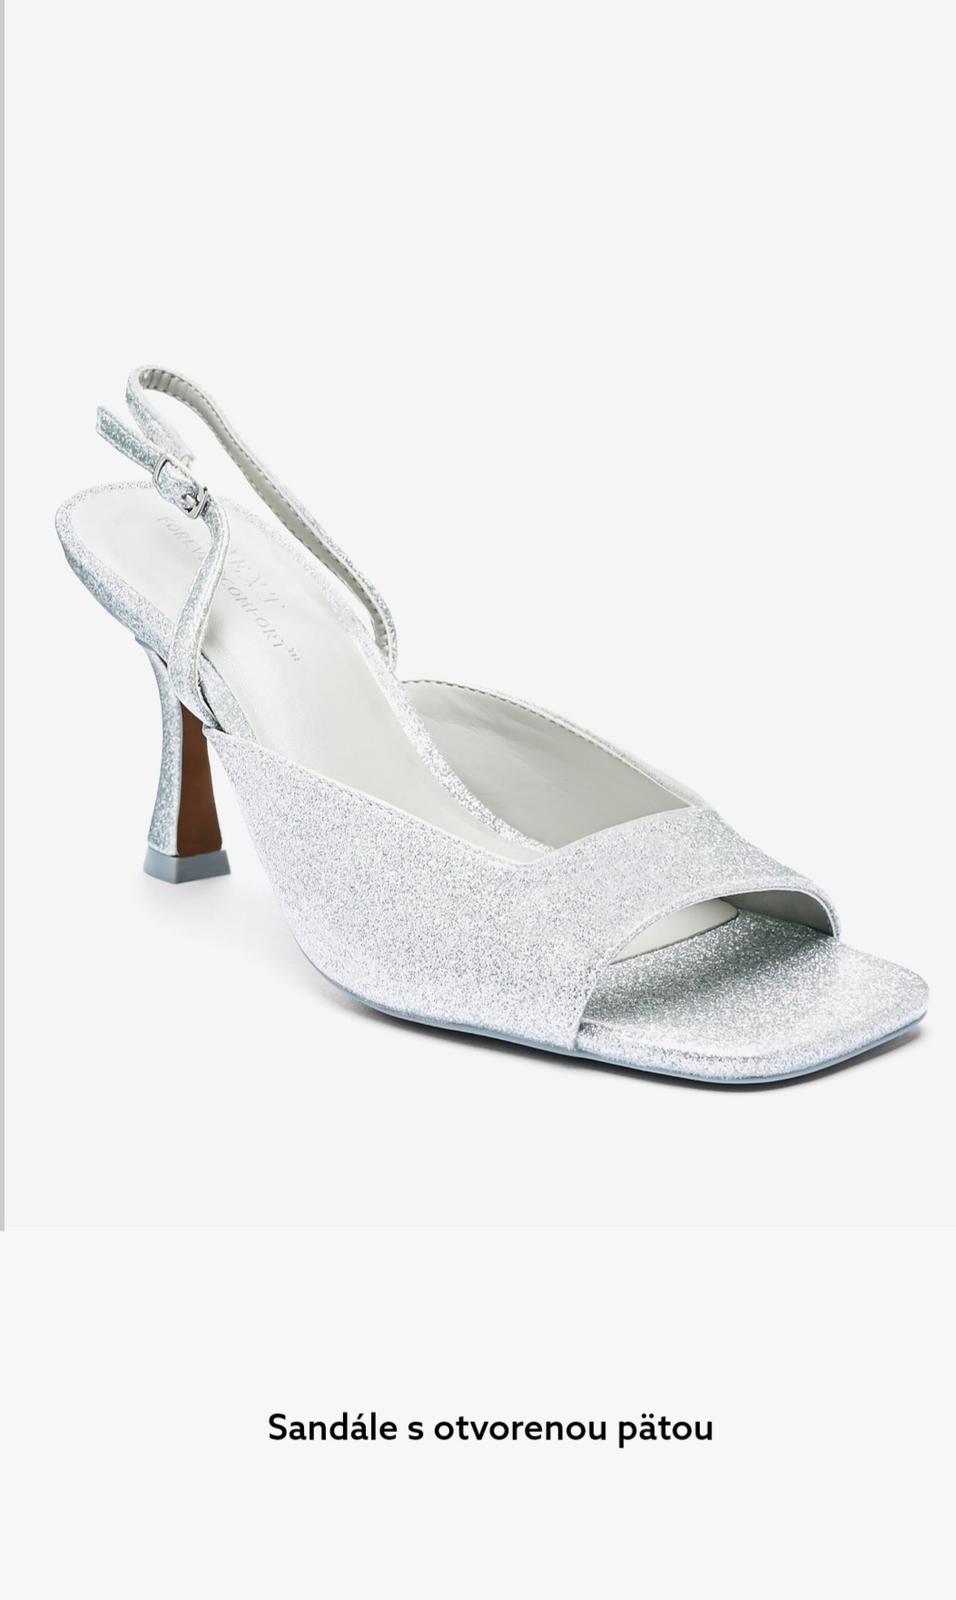 nové strieborné sandále, lodičky velk. 37,5 - Obrázok č. 1